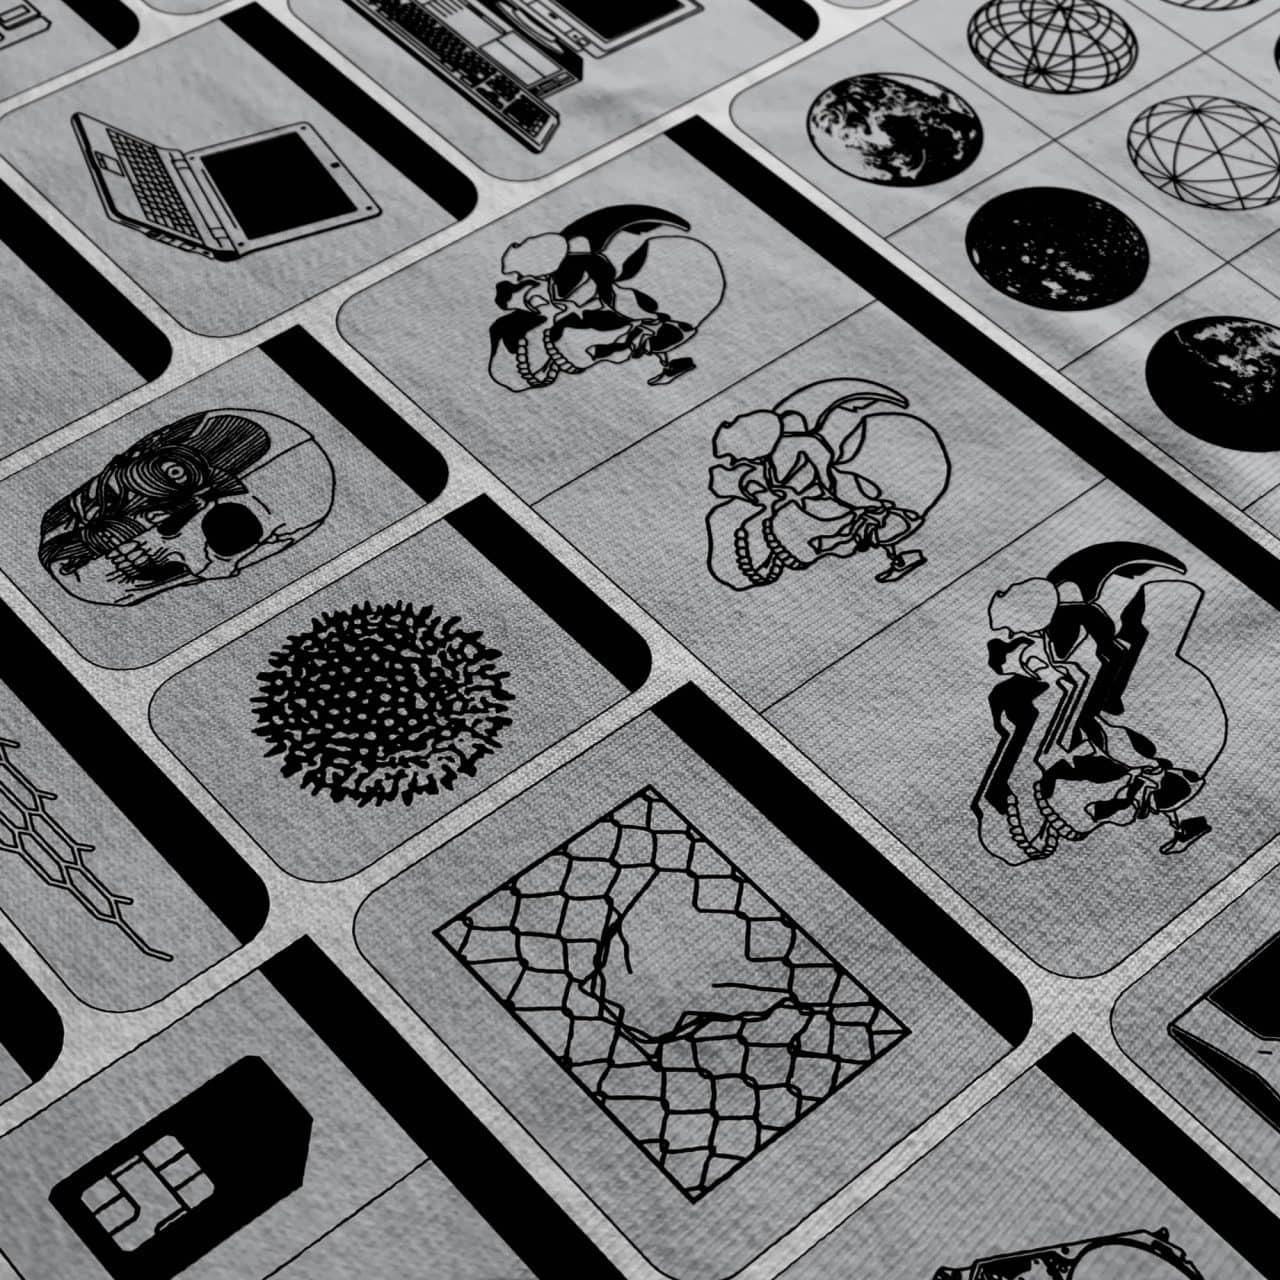 [单独购买] 124款潮流贴纸图标徽标Logo设计矢量素材套装 Studio Innate – Elements 000插图1